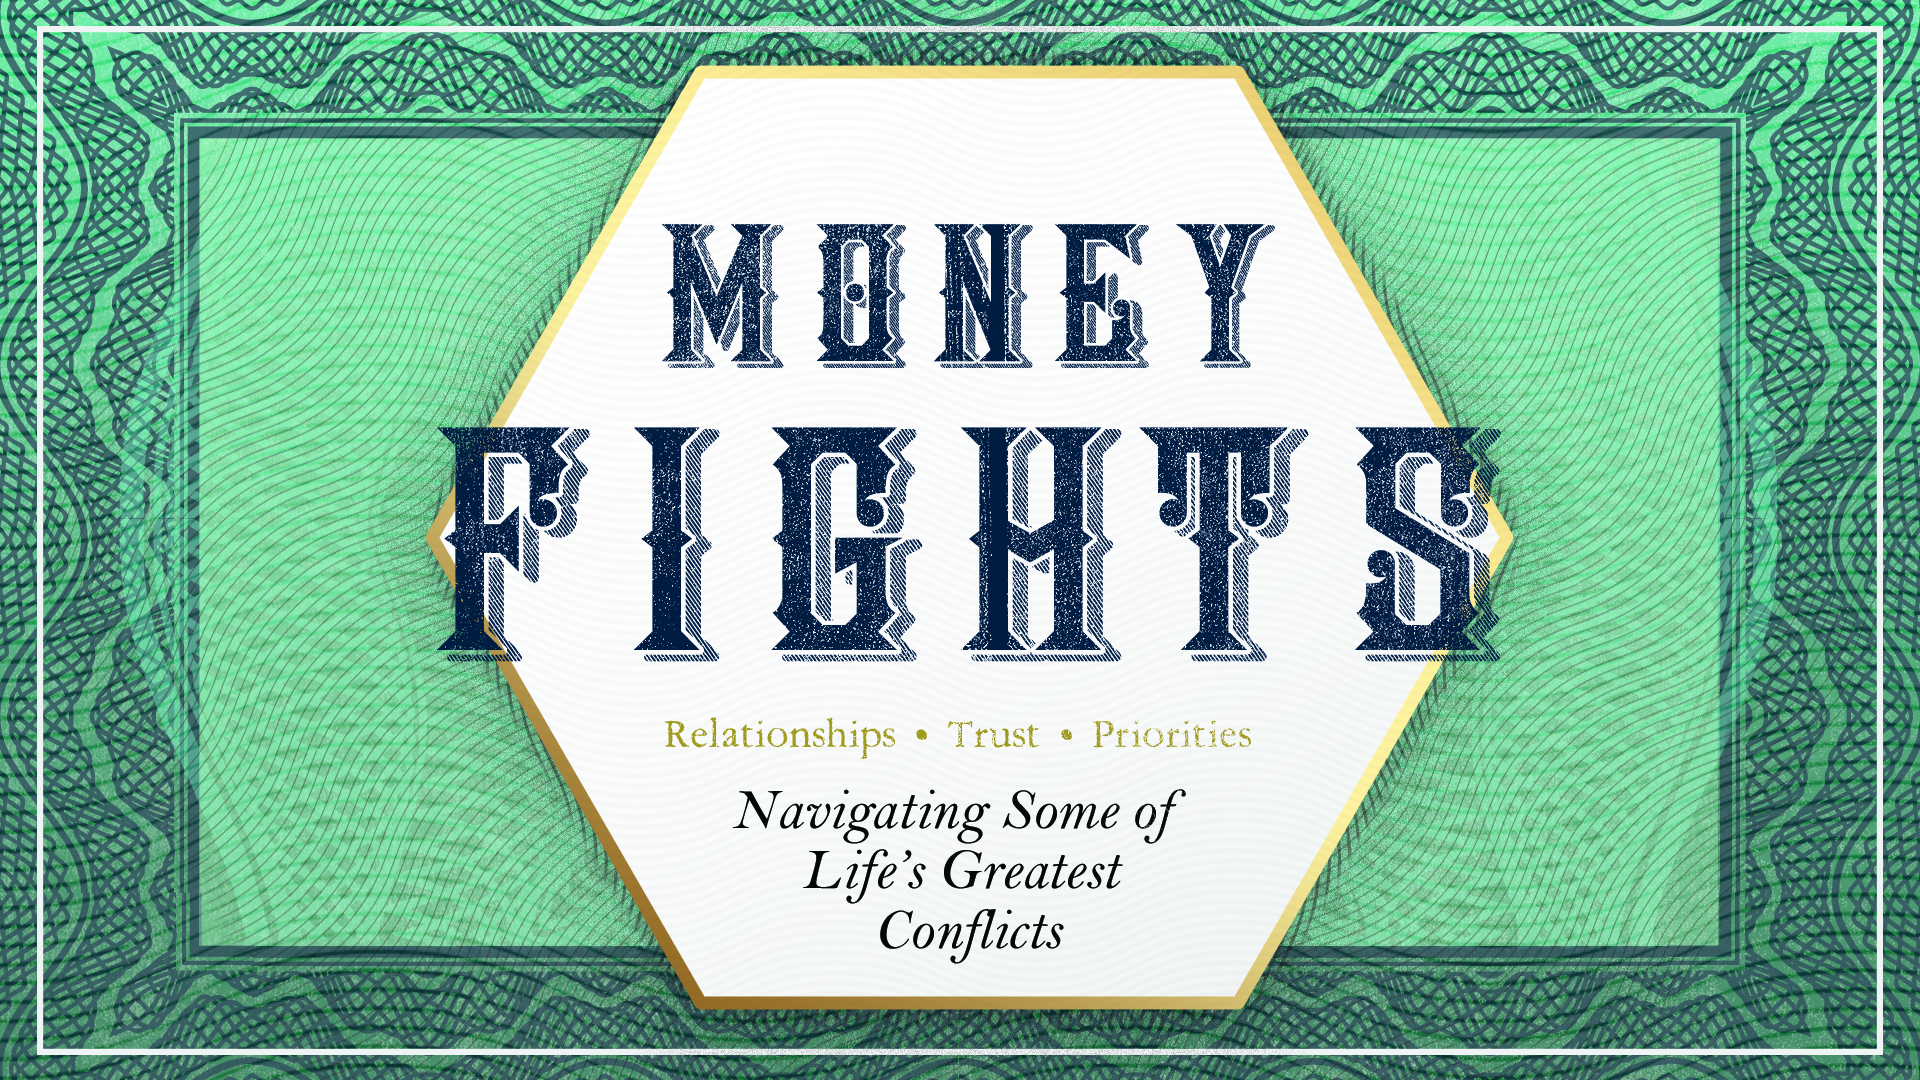 MoneyFights_1920x1080.jpg